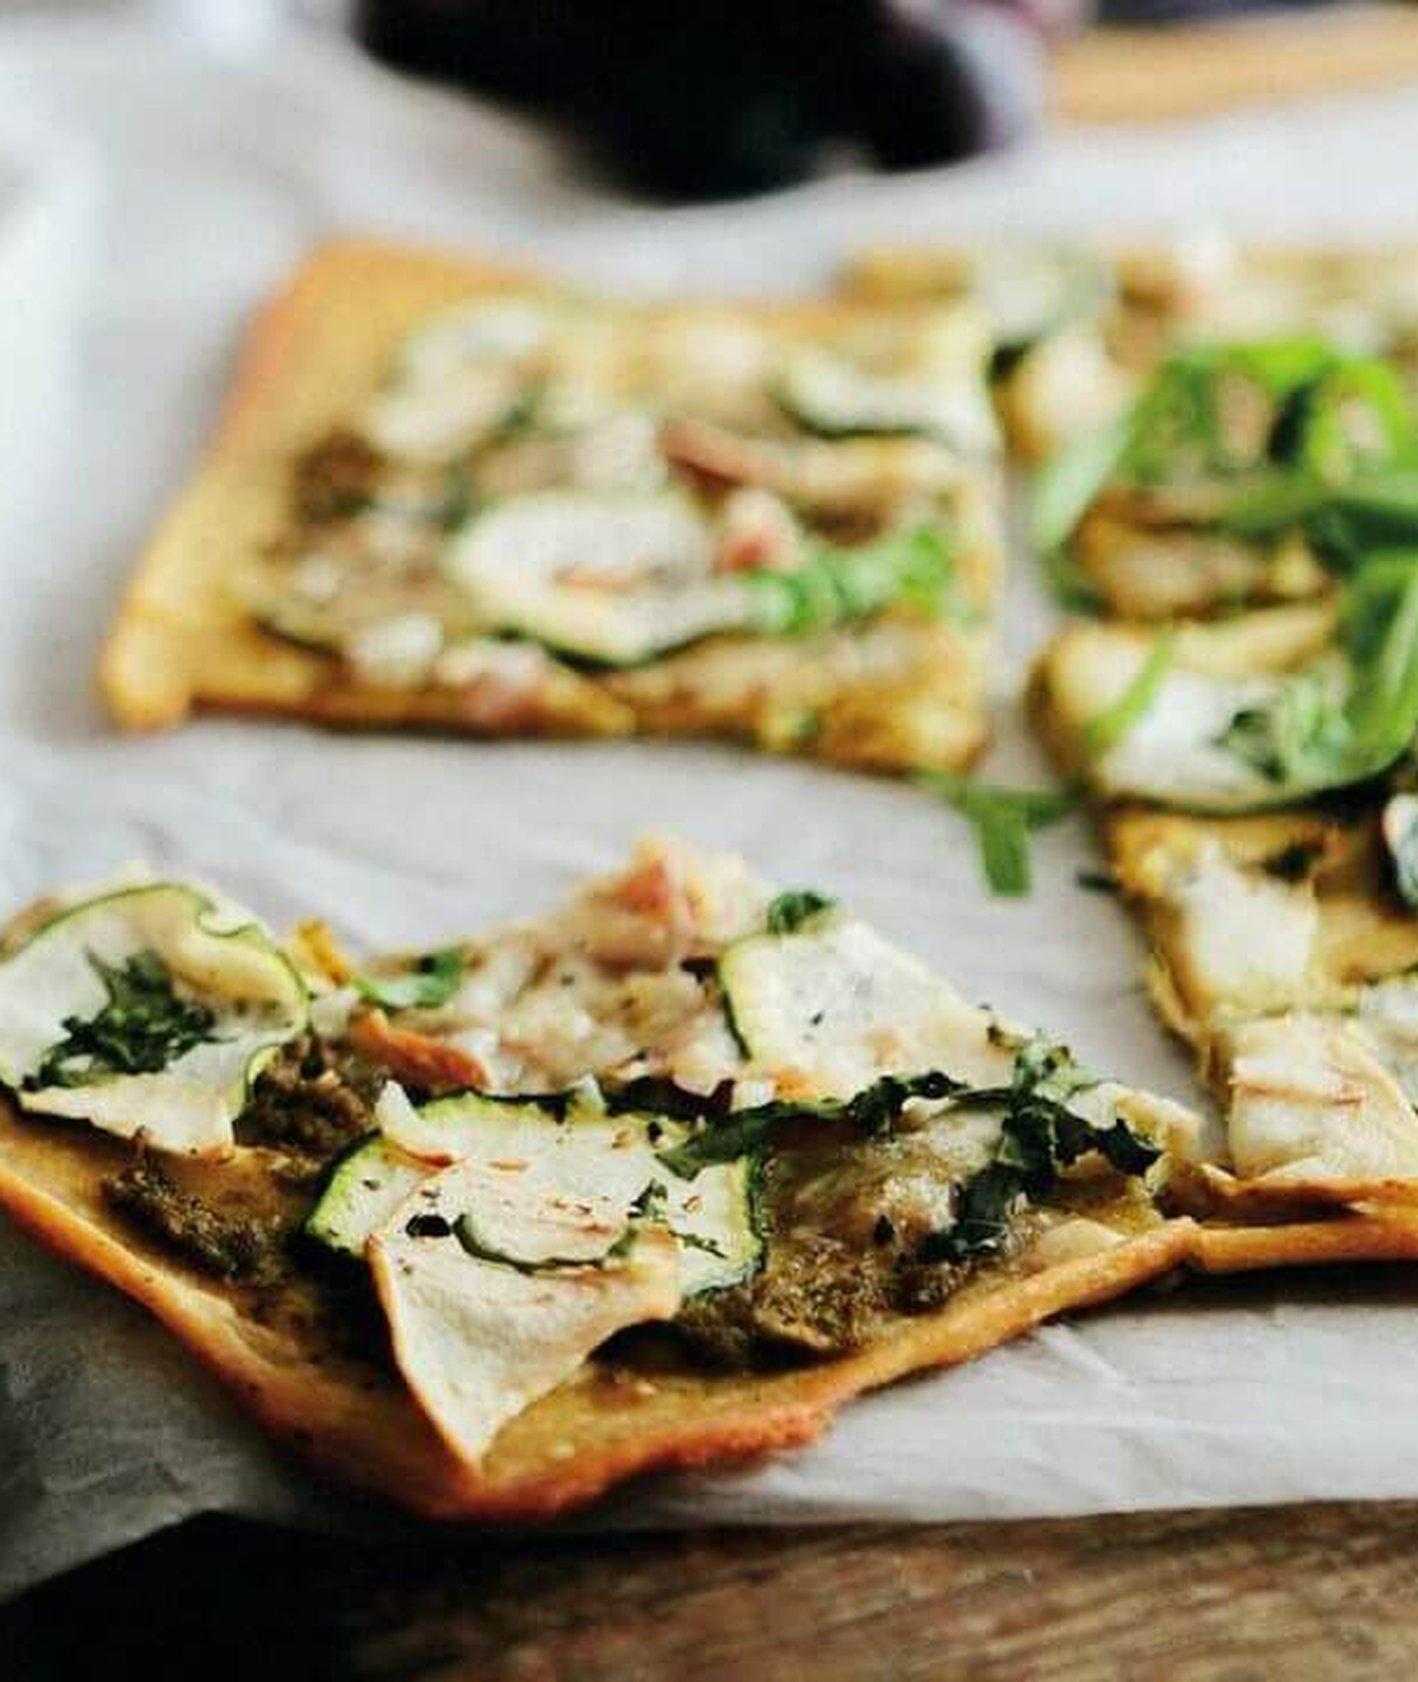 socca z pesto i serem, placek z mąki z ciecierzycy, danie bezglutenowe, pizza bezglutenowa, szybki obiad, dieta bezglutenowa, pizza z serem, ciecierzyca, placek z ciecierzycy, szybka pizza